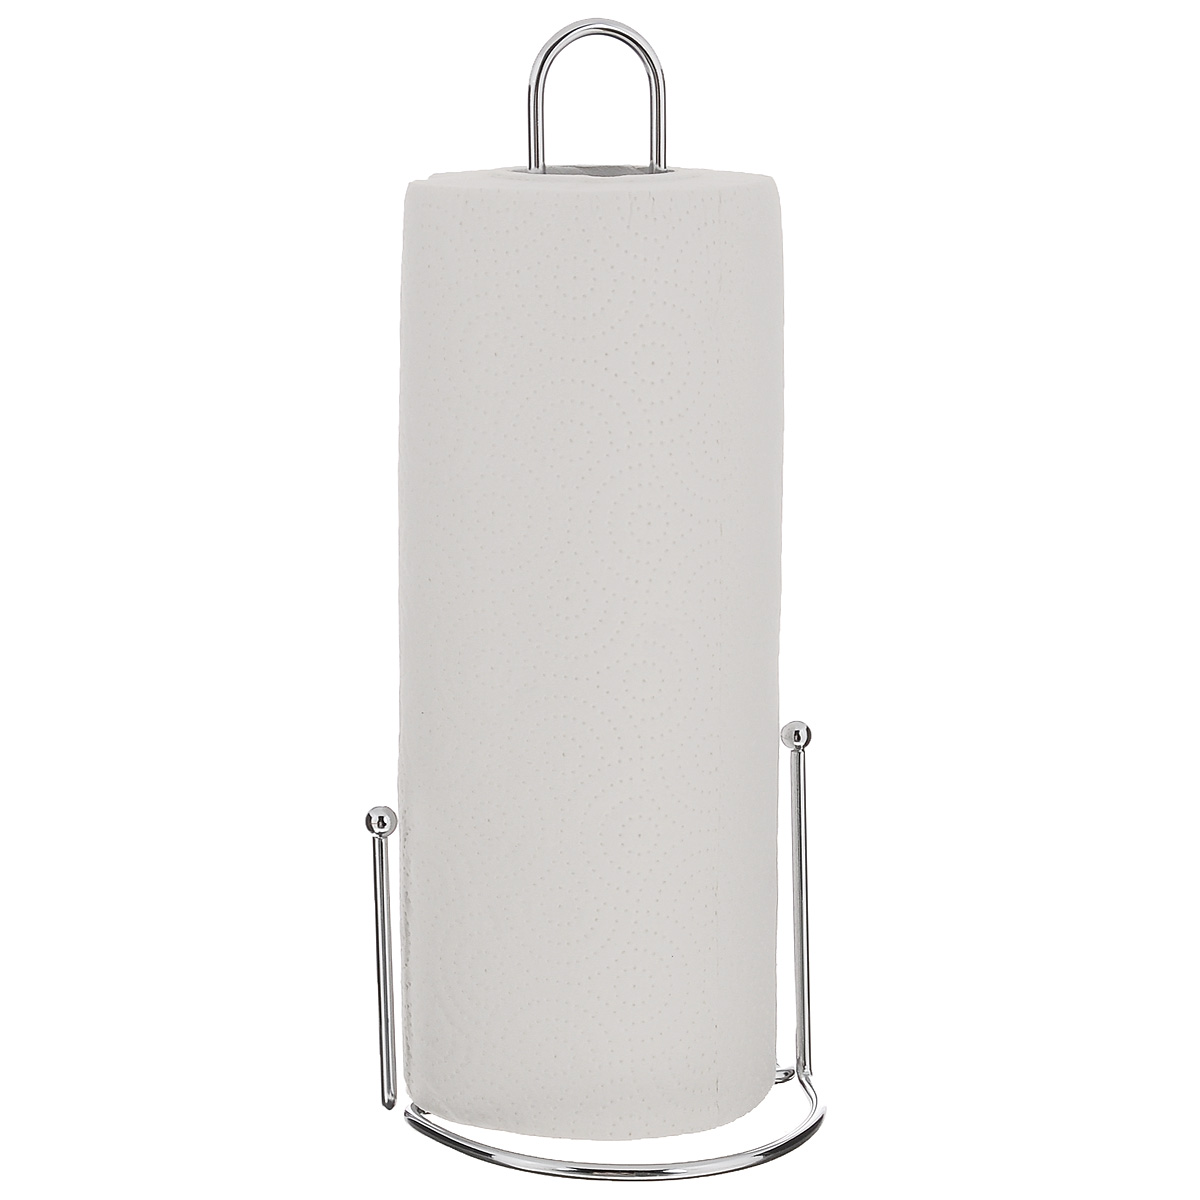 Держатель для бумажных полотенец ZellerPDS-03Держатель для бумажных полотенец Zeller изготовлен из металла с хромированной поверхностью. Круглое основание обеспечивает устойчивость подставки. Вы можете установить ее в любом удобном месте. Держатель подходит для всех видов кухонных полотенец.Такой держатель для бумажных полотенец станет полезным аксессуаром в домашнем быту и идеально впишется в интерьер современной кухни.В комплекте с держателем - рулон бумажных полотенец для рук.Диаметр основания держателя: 12 см.Высота держателя: 31 см.